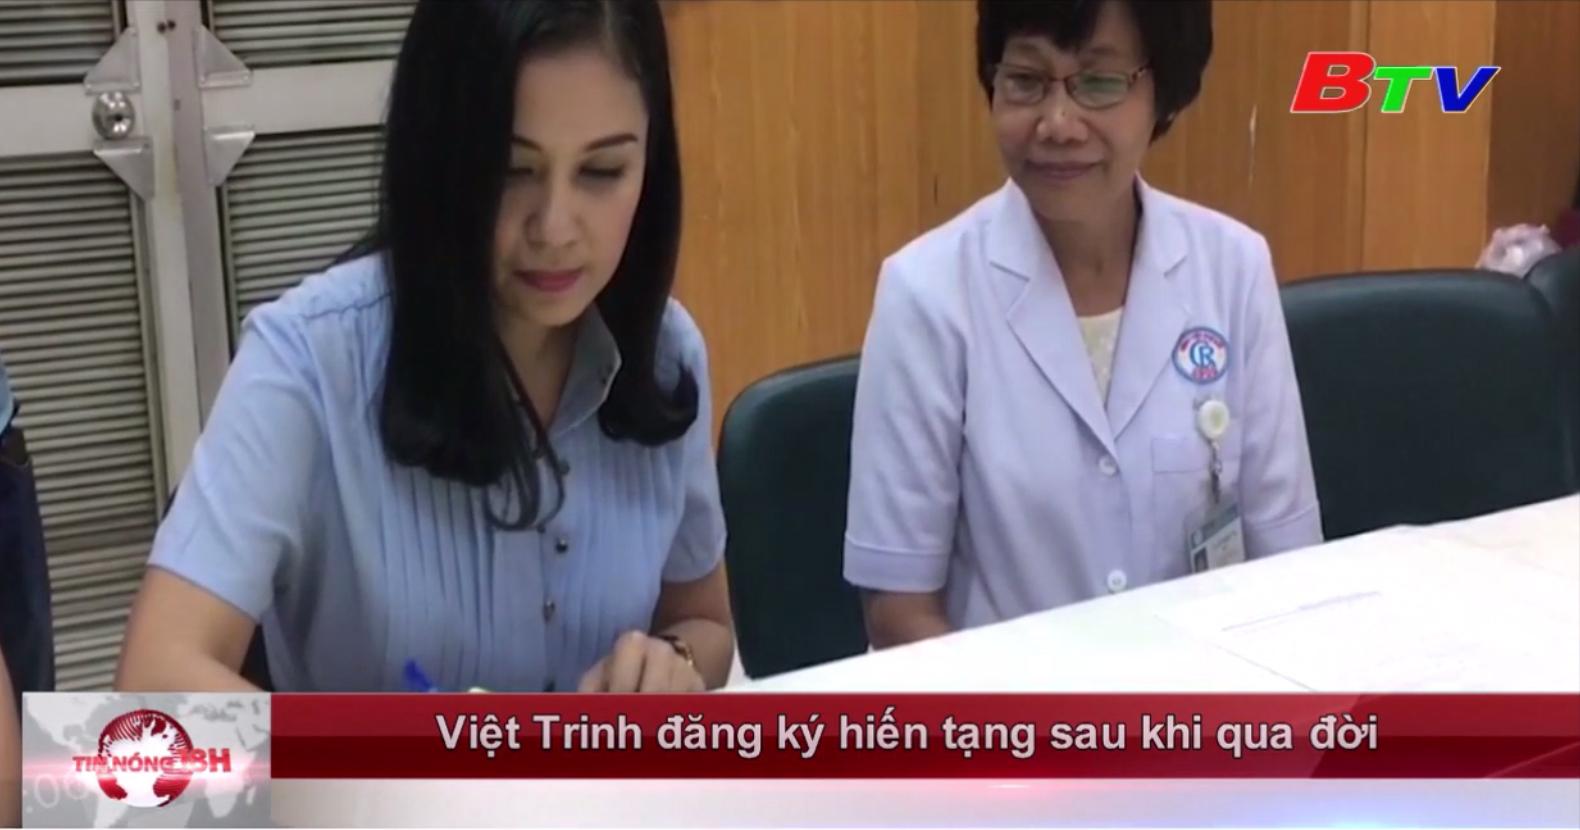 Việt Trinh đăng ký hiến tạng sau khi qua đời